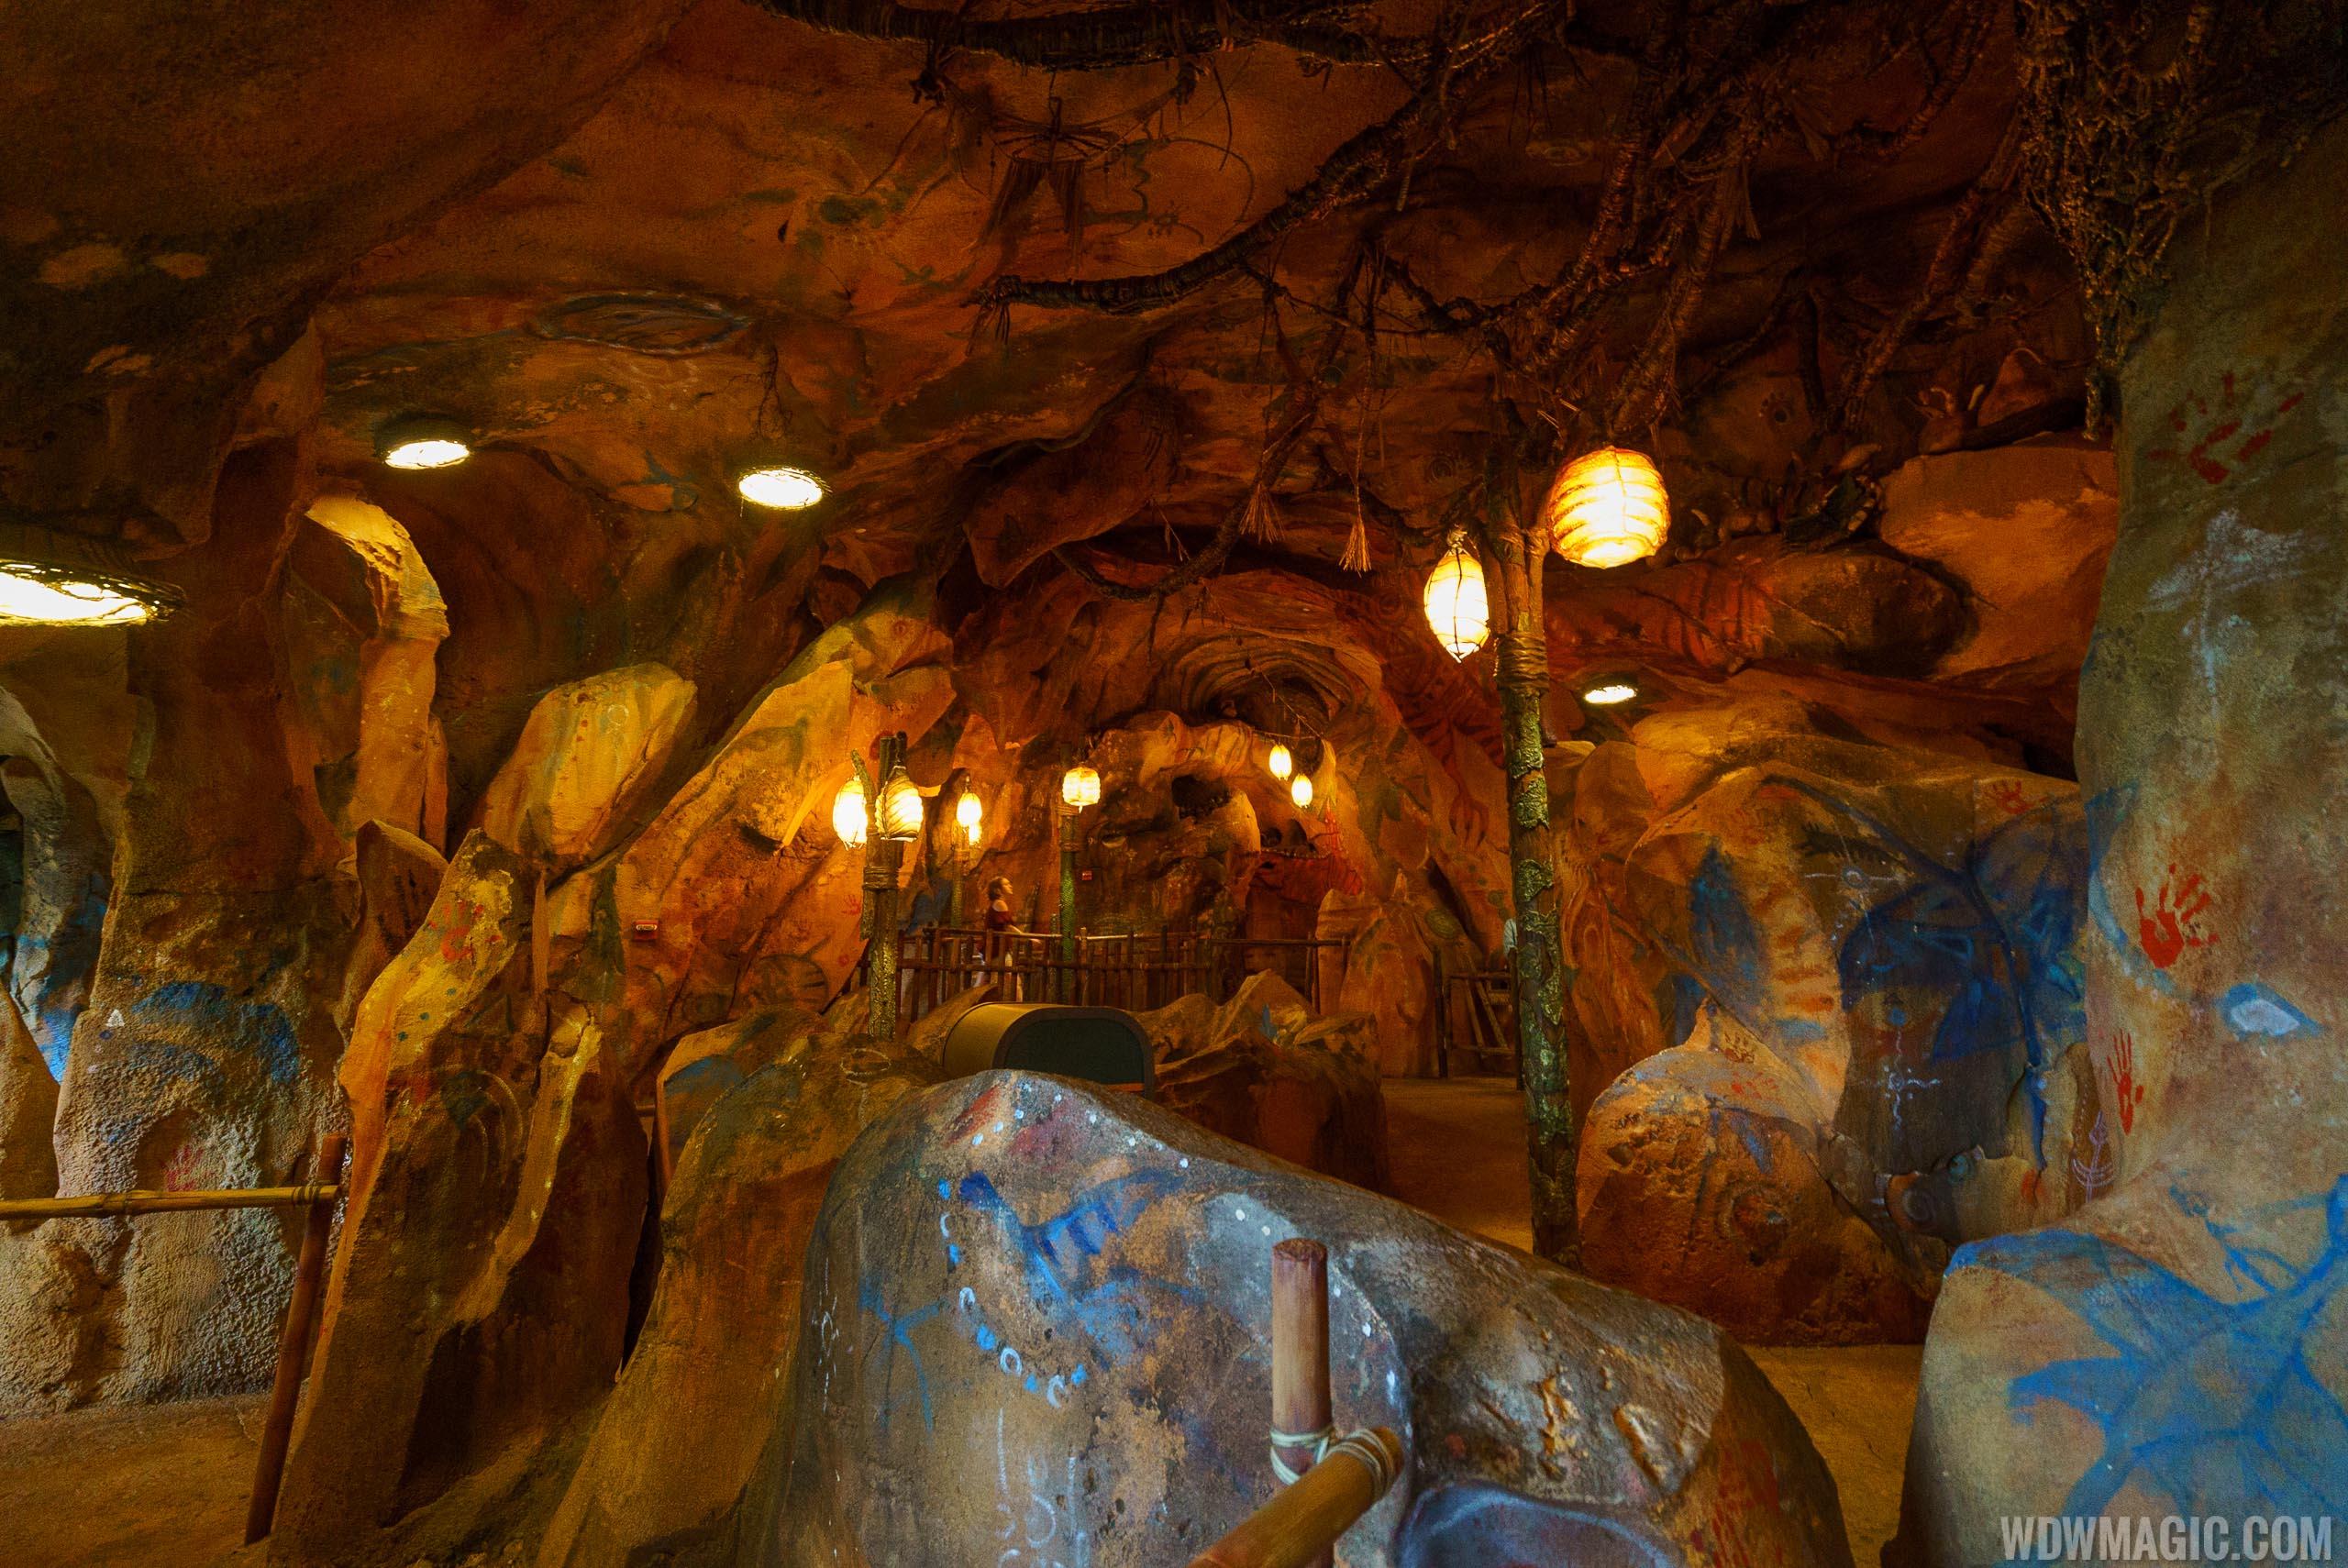 Avatar Flight of Passage cave queue space